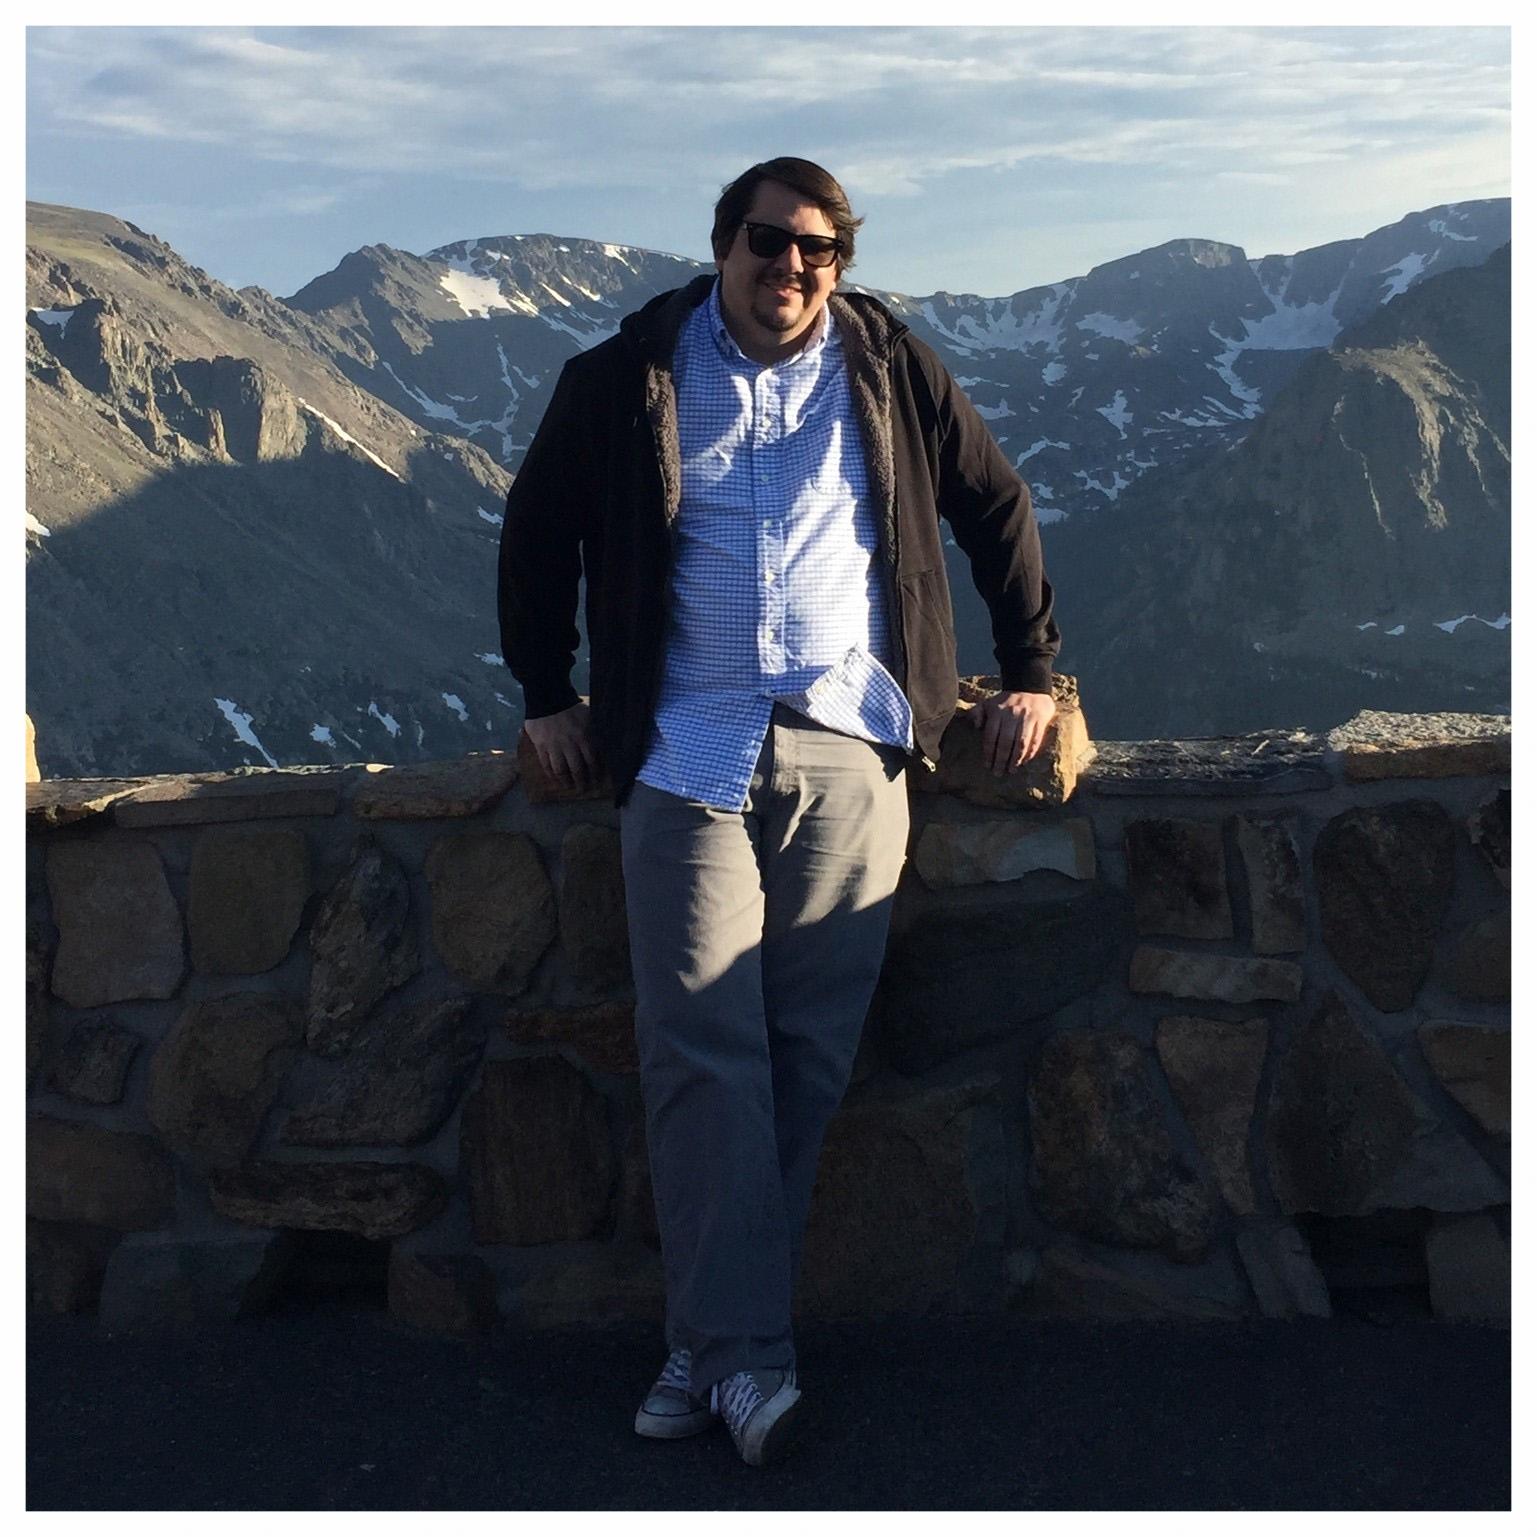 Enjoying a scenic vista at the Rocky Mountain National Park in Estes Park, Colorado.